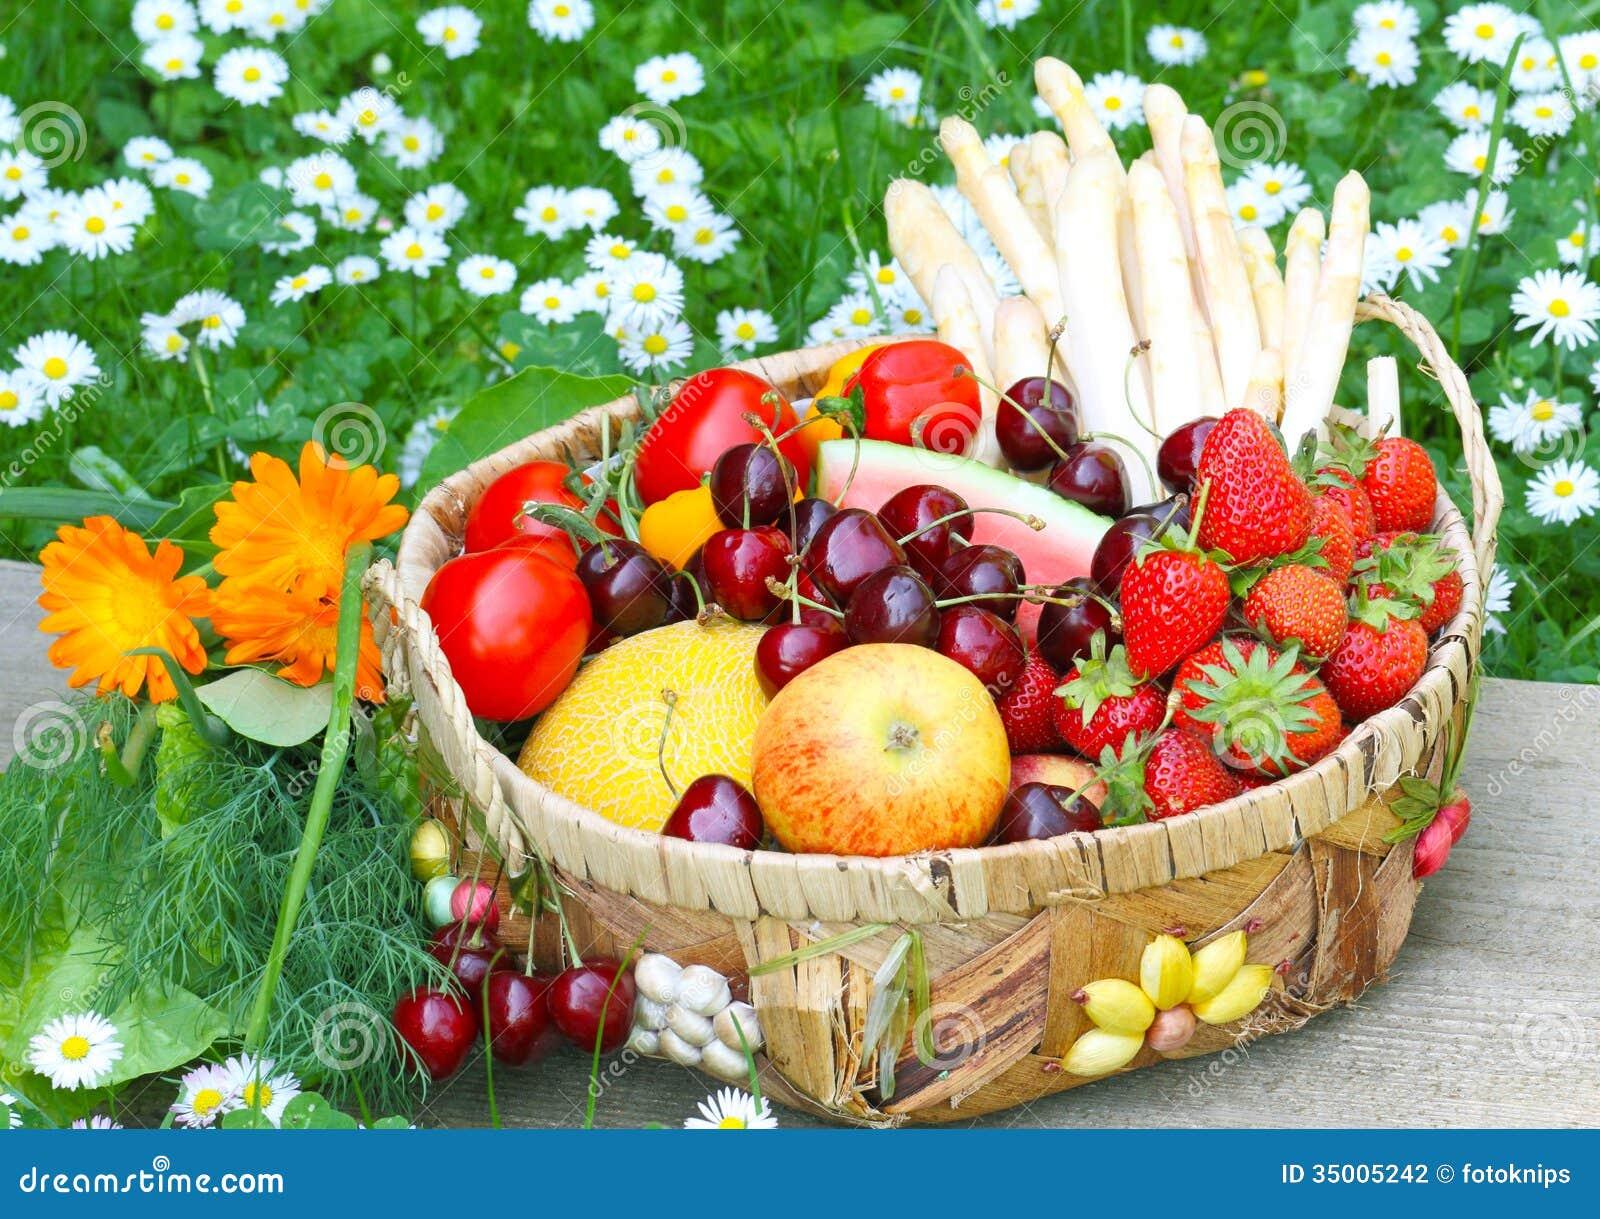 fruit basket anime coconut fruit or vegetable